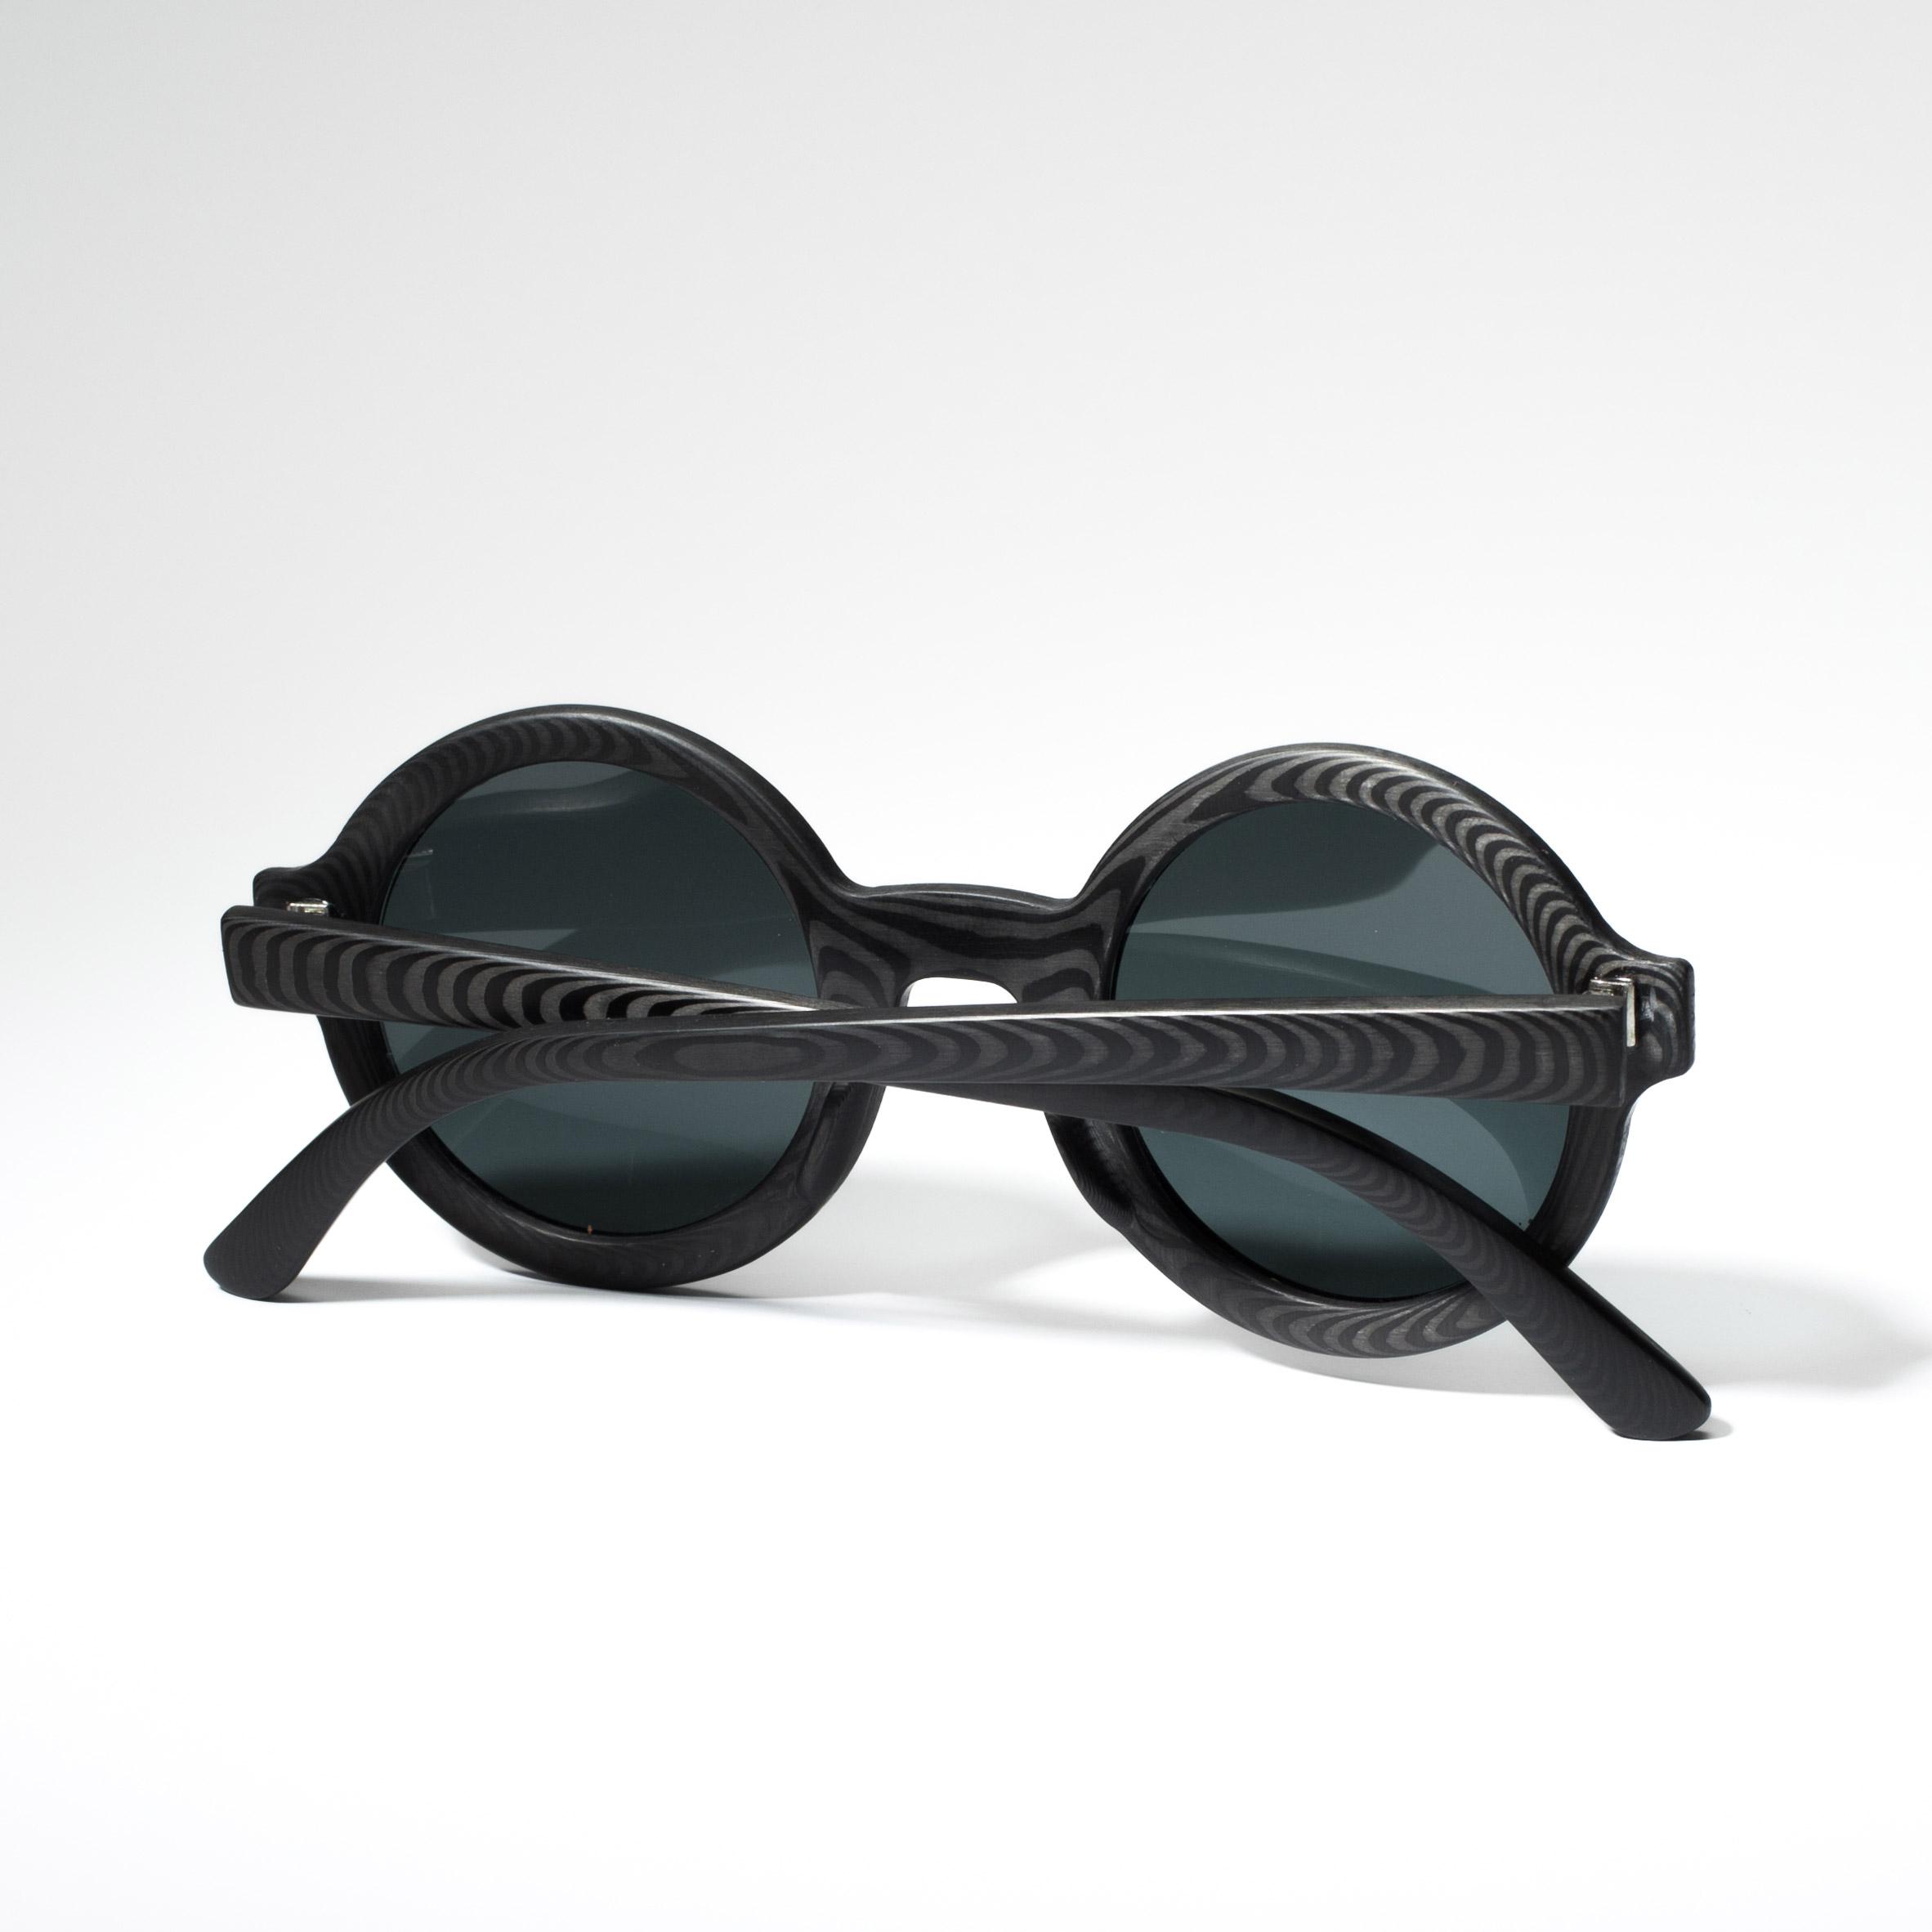 Rodrigo Caula designs carbon-fibre sunglasses with woodgrain patterns